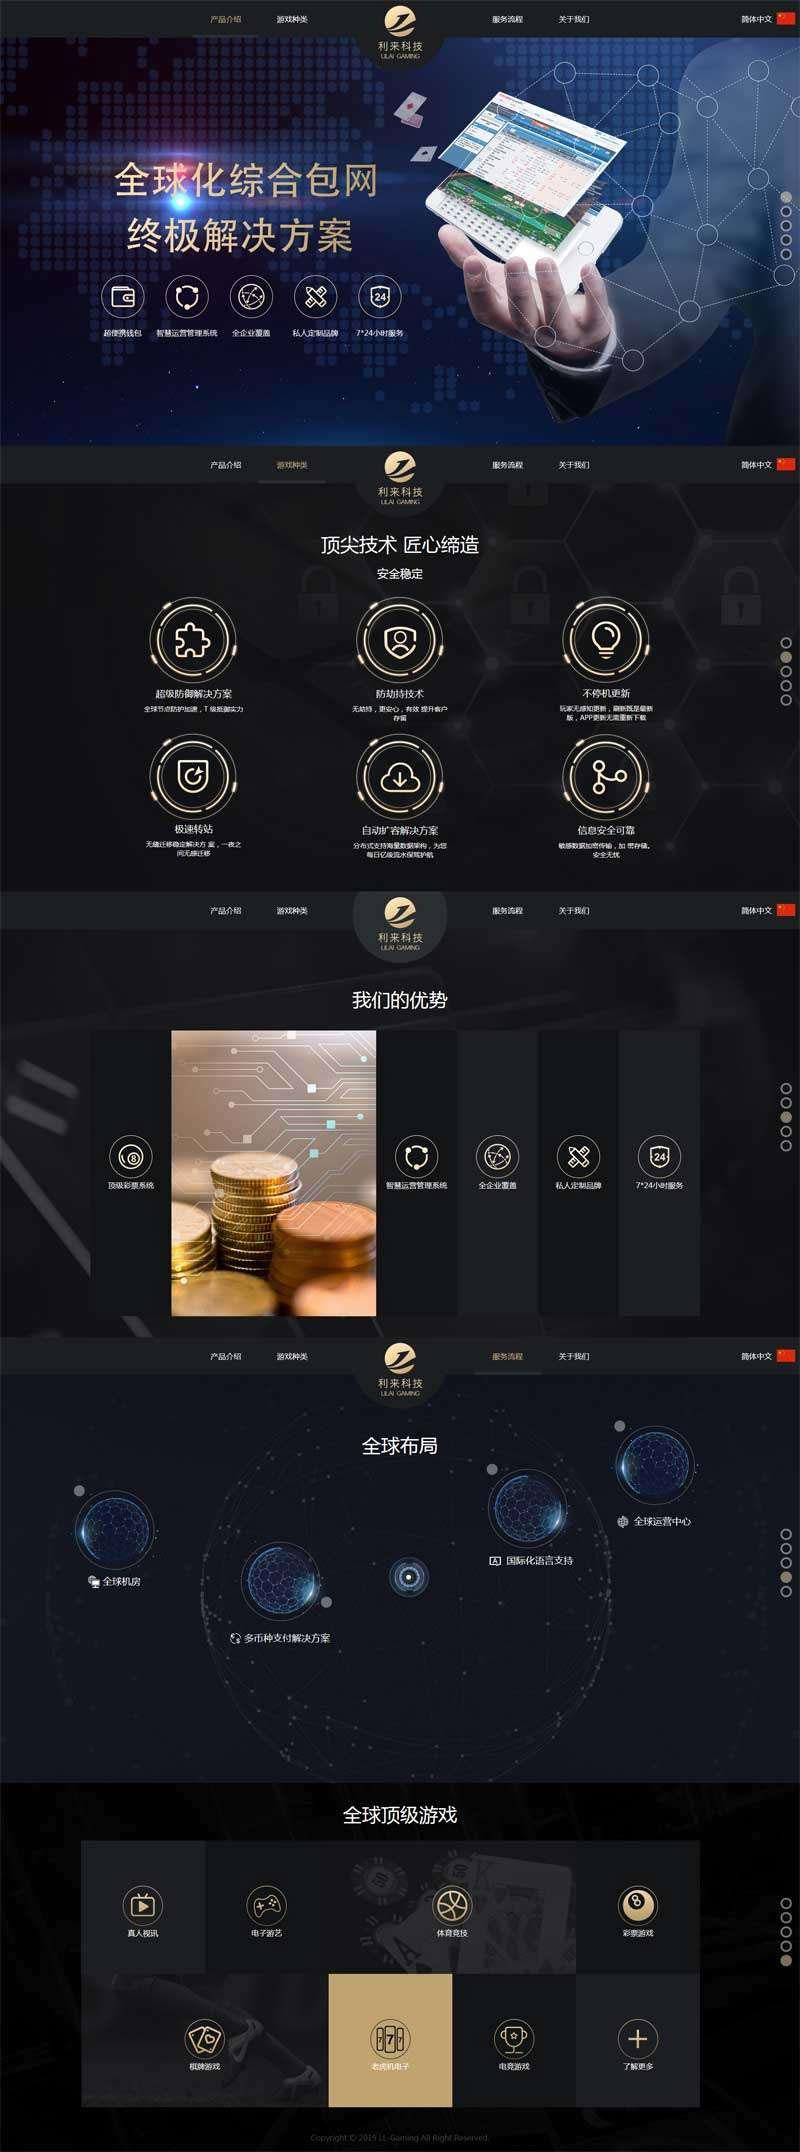 fullpage全屏滚动智能软件系统介绍页面模板